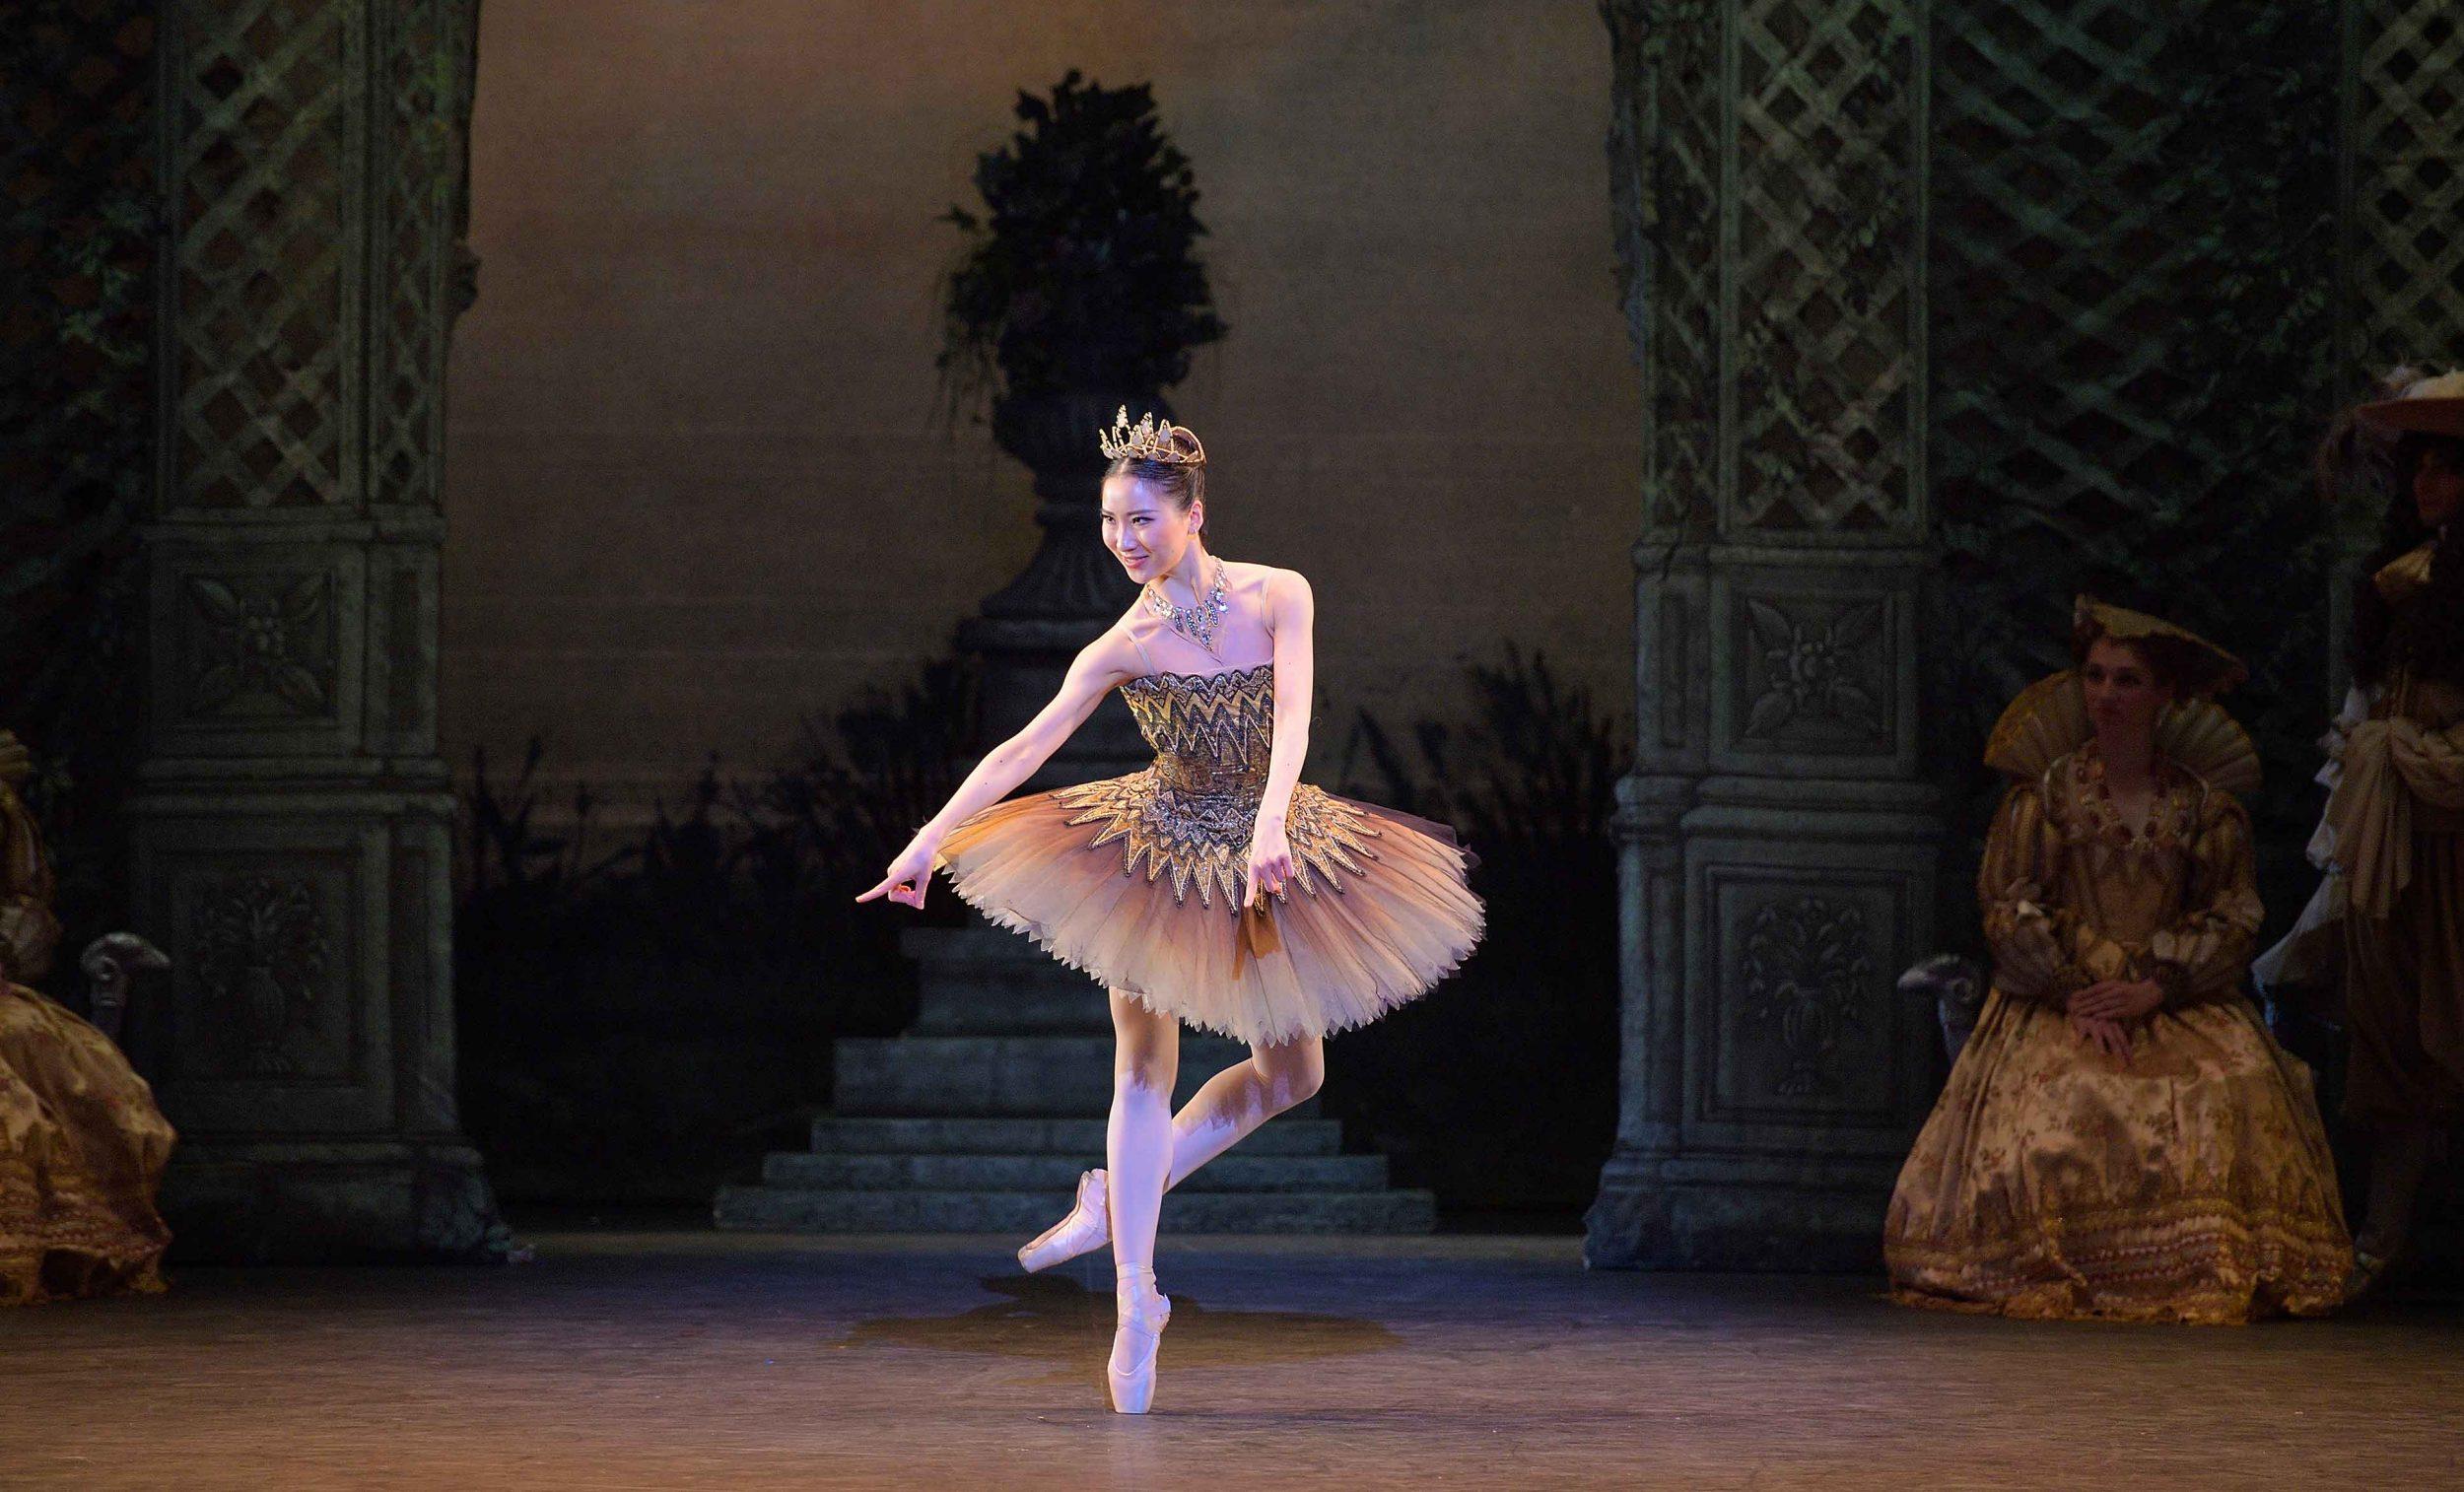 Rina-Kanehara-as-Fairy-of-the-Golden-Vine-in-The-Sleeping-Beauty-©--Laurent-Liotardo-(3)